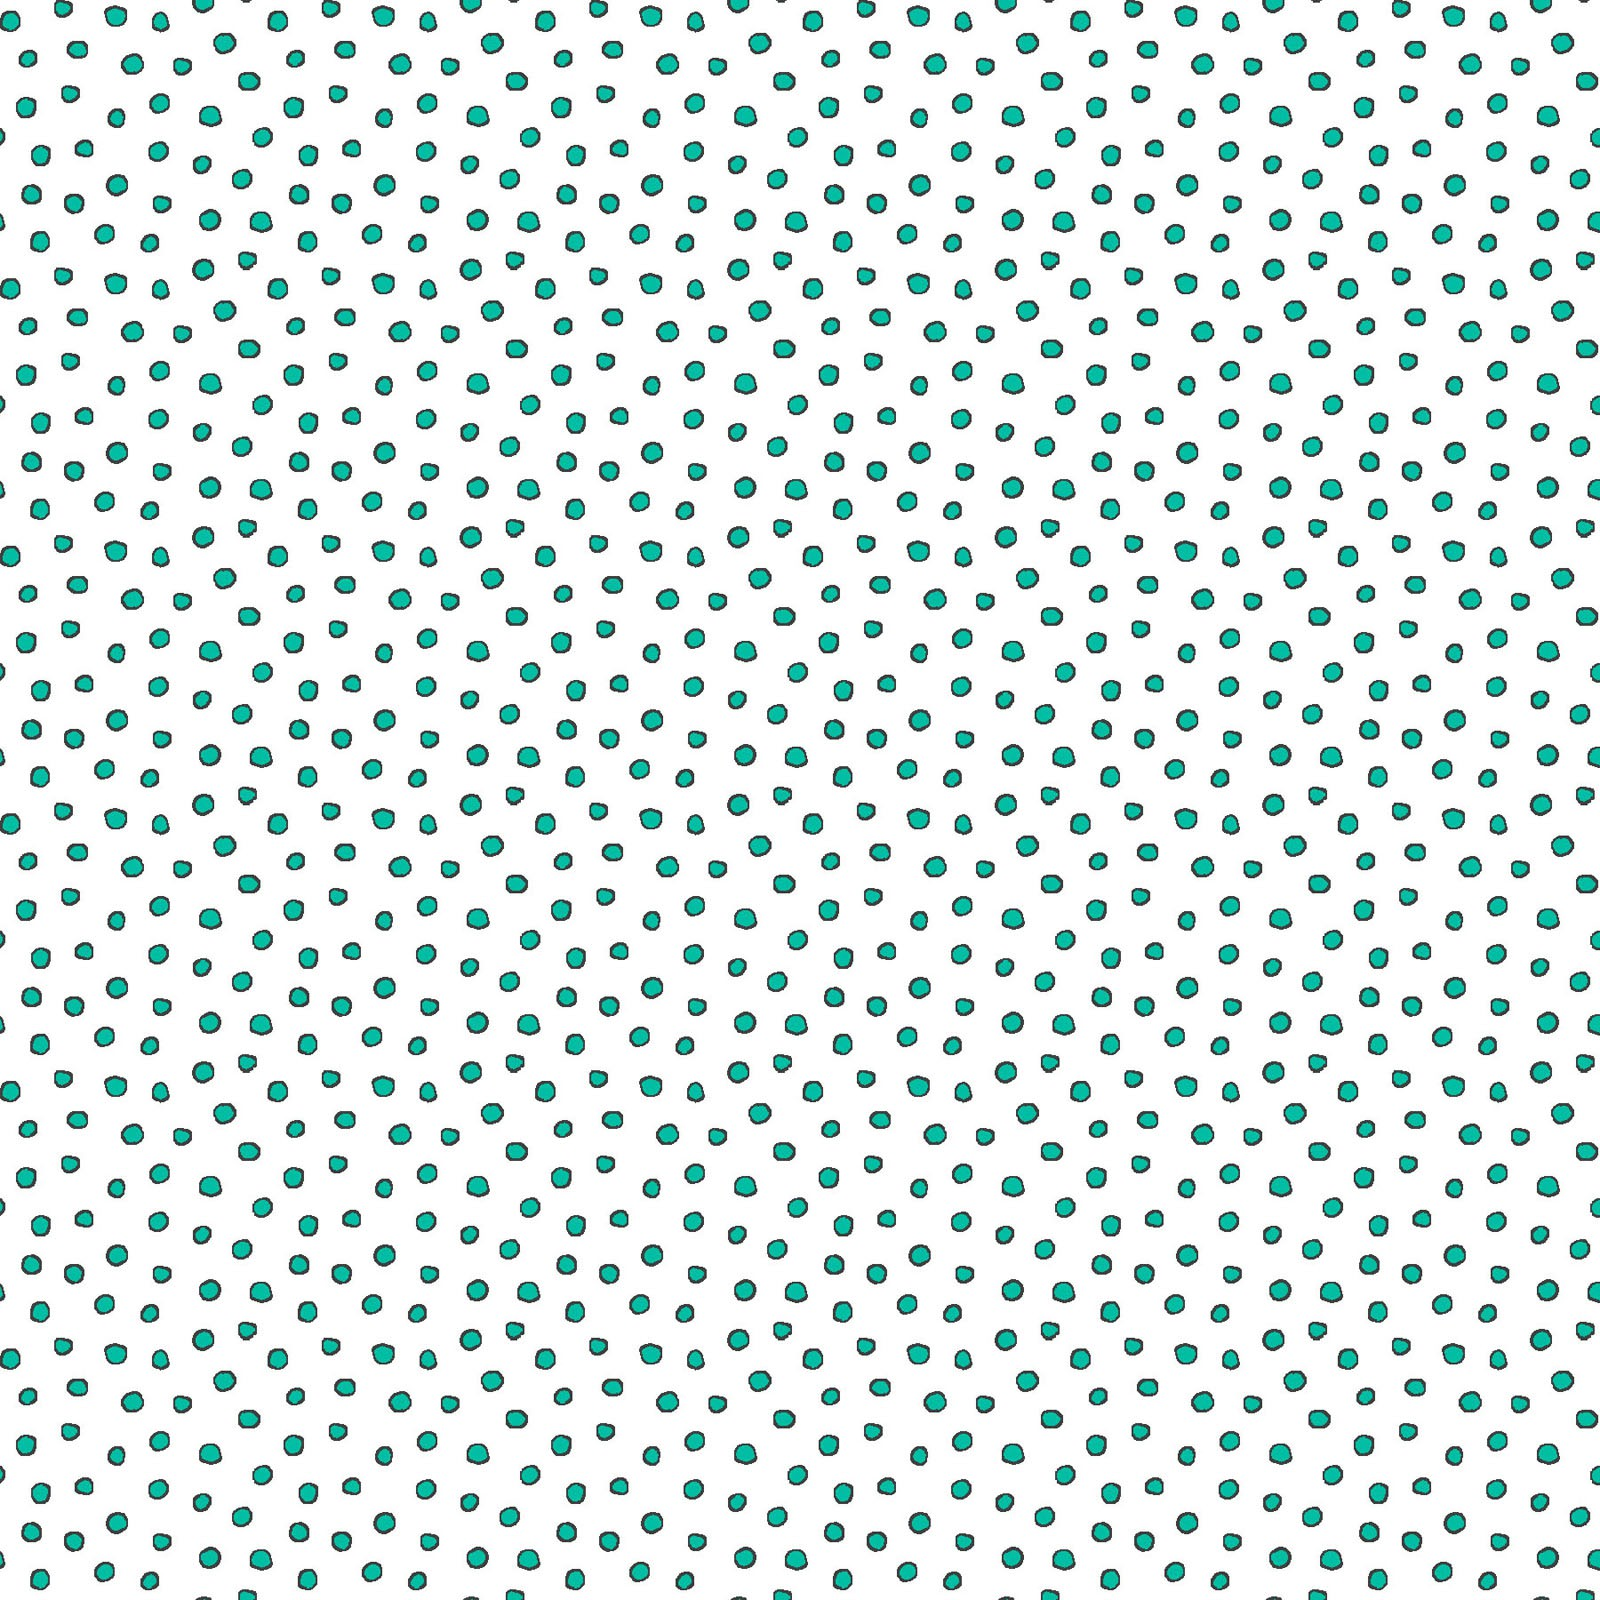 Roam Sweet Home - Tiny Dots